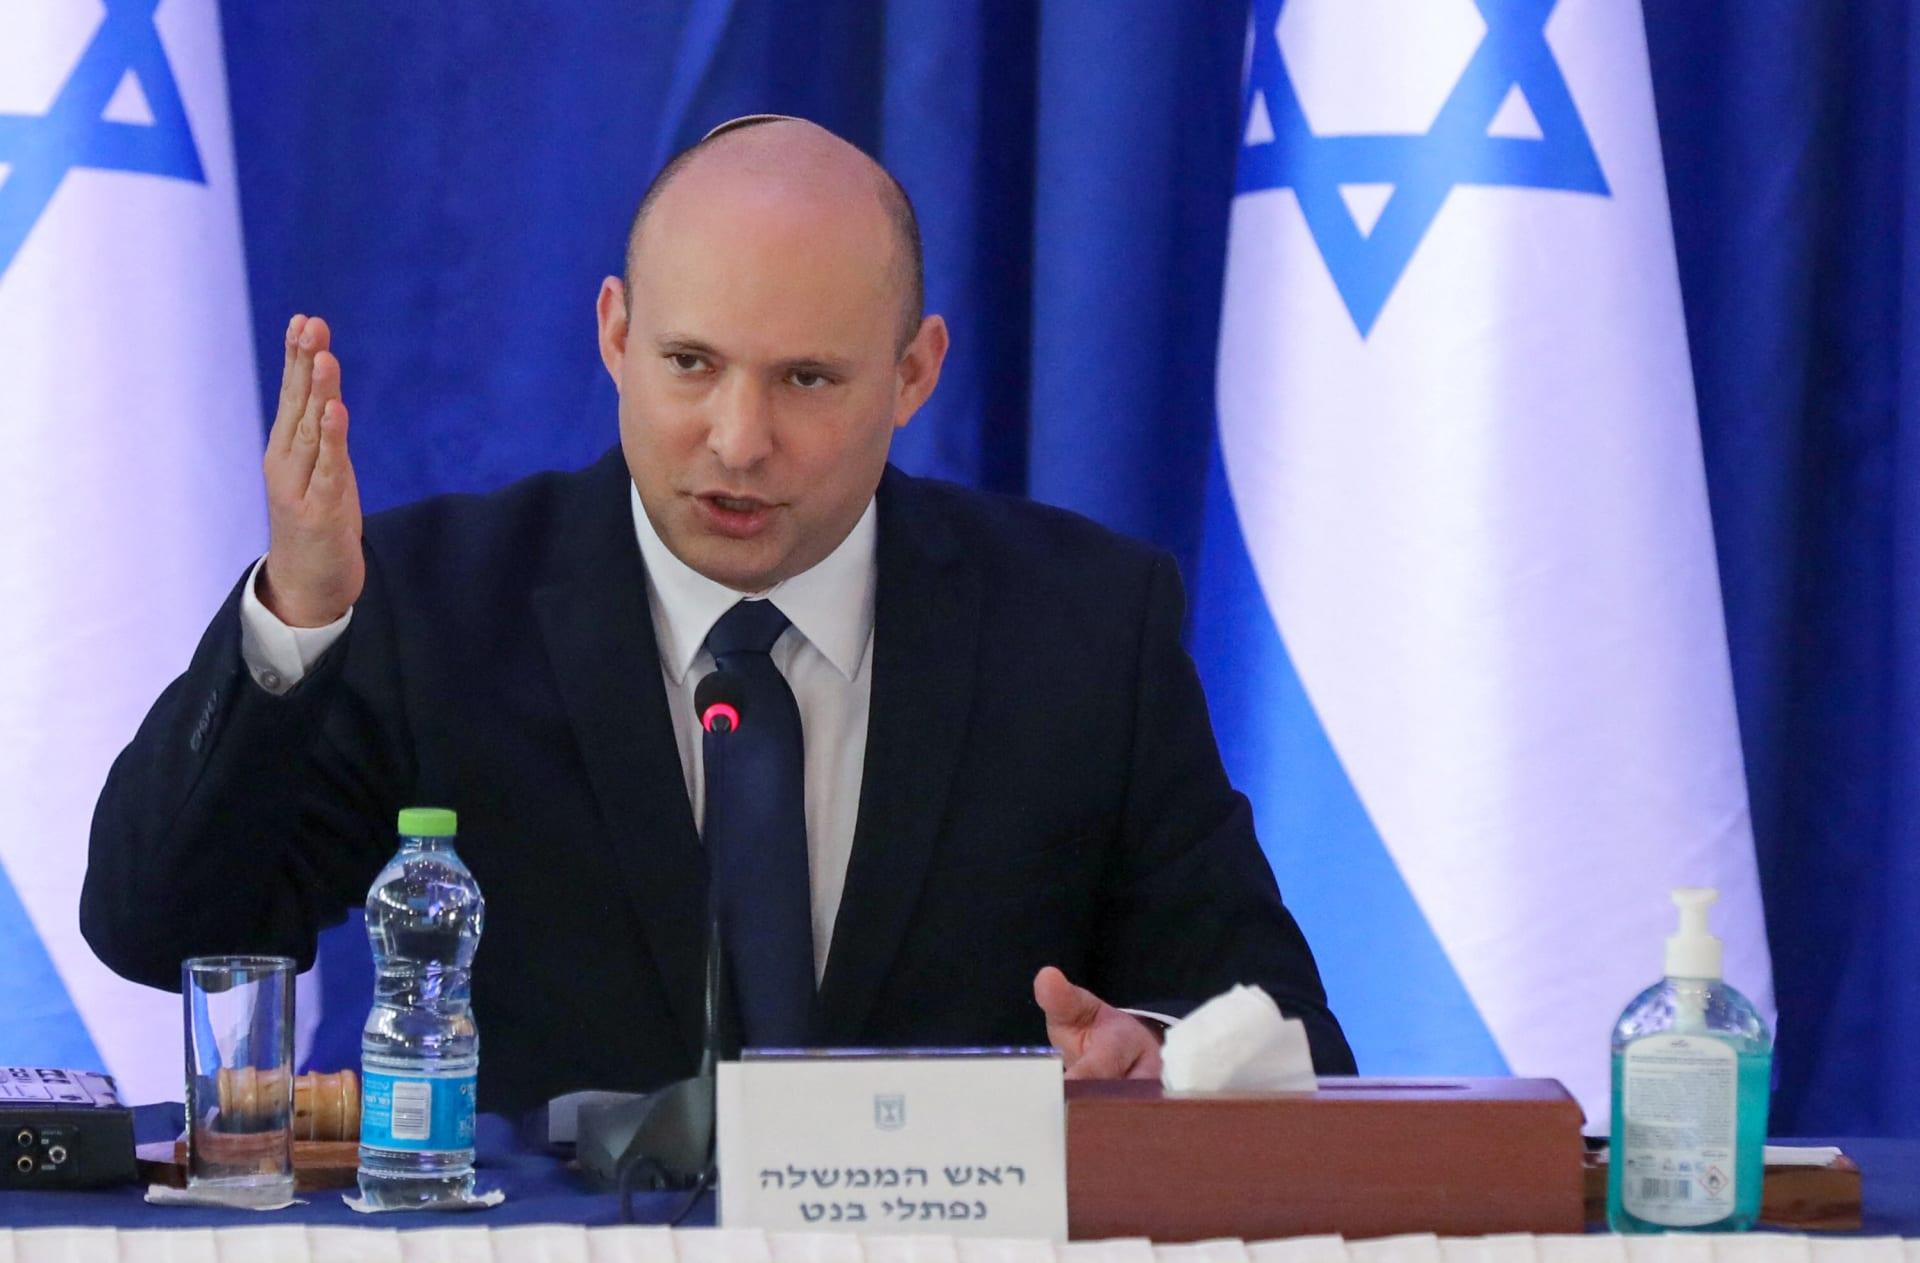 رئيس الوزراء الإسرائيلي يتحدث عن لقائه السيسي ويؤكد عمق العلاقات مع مصر